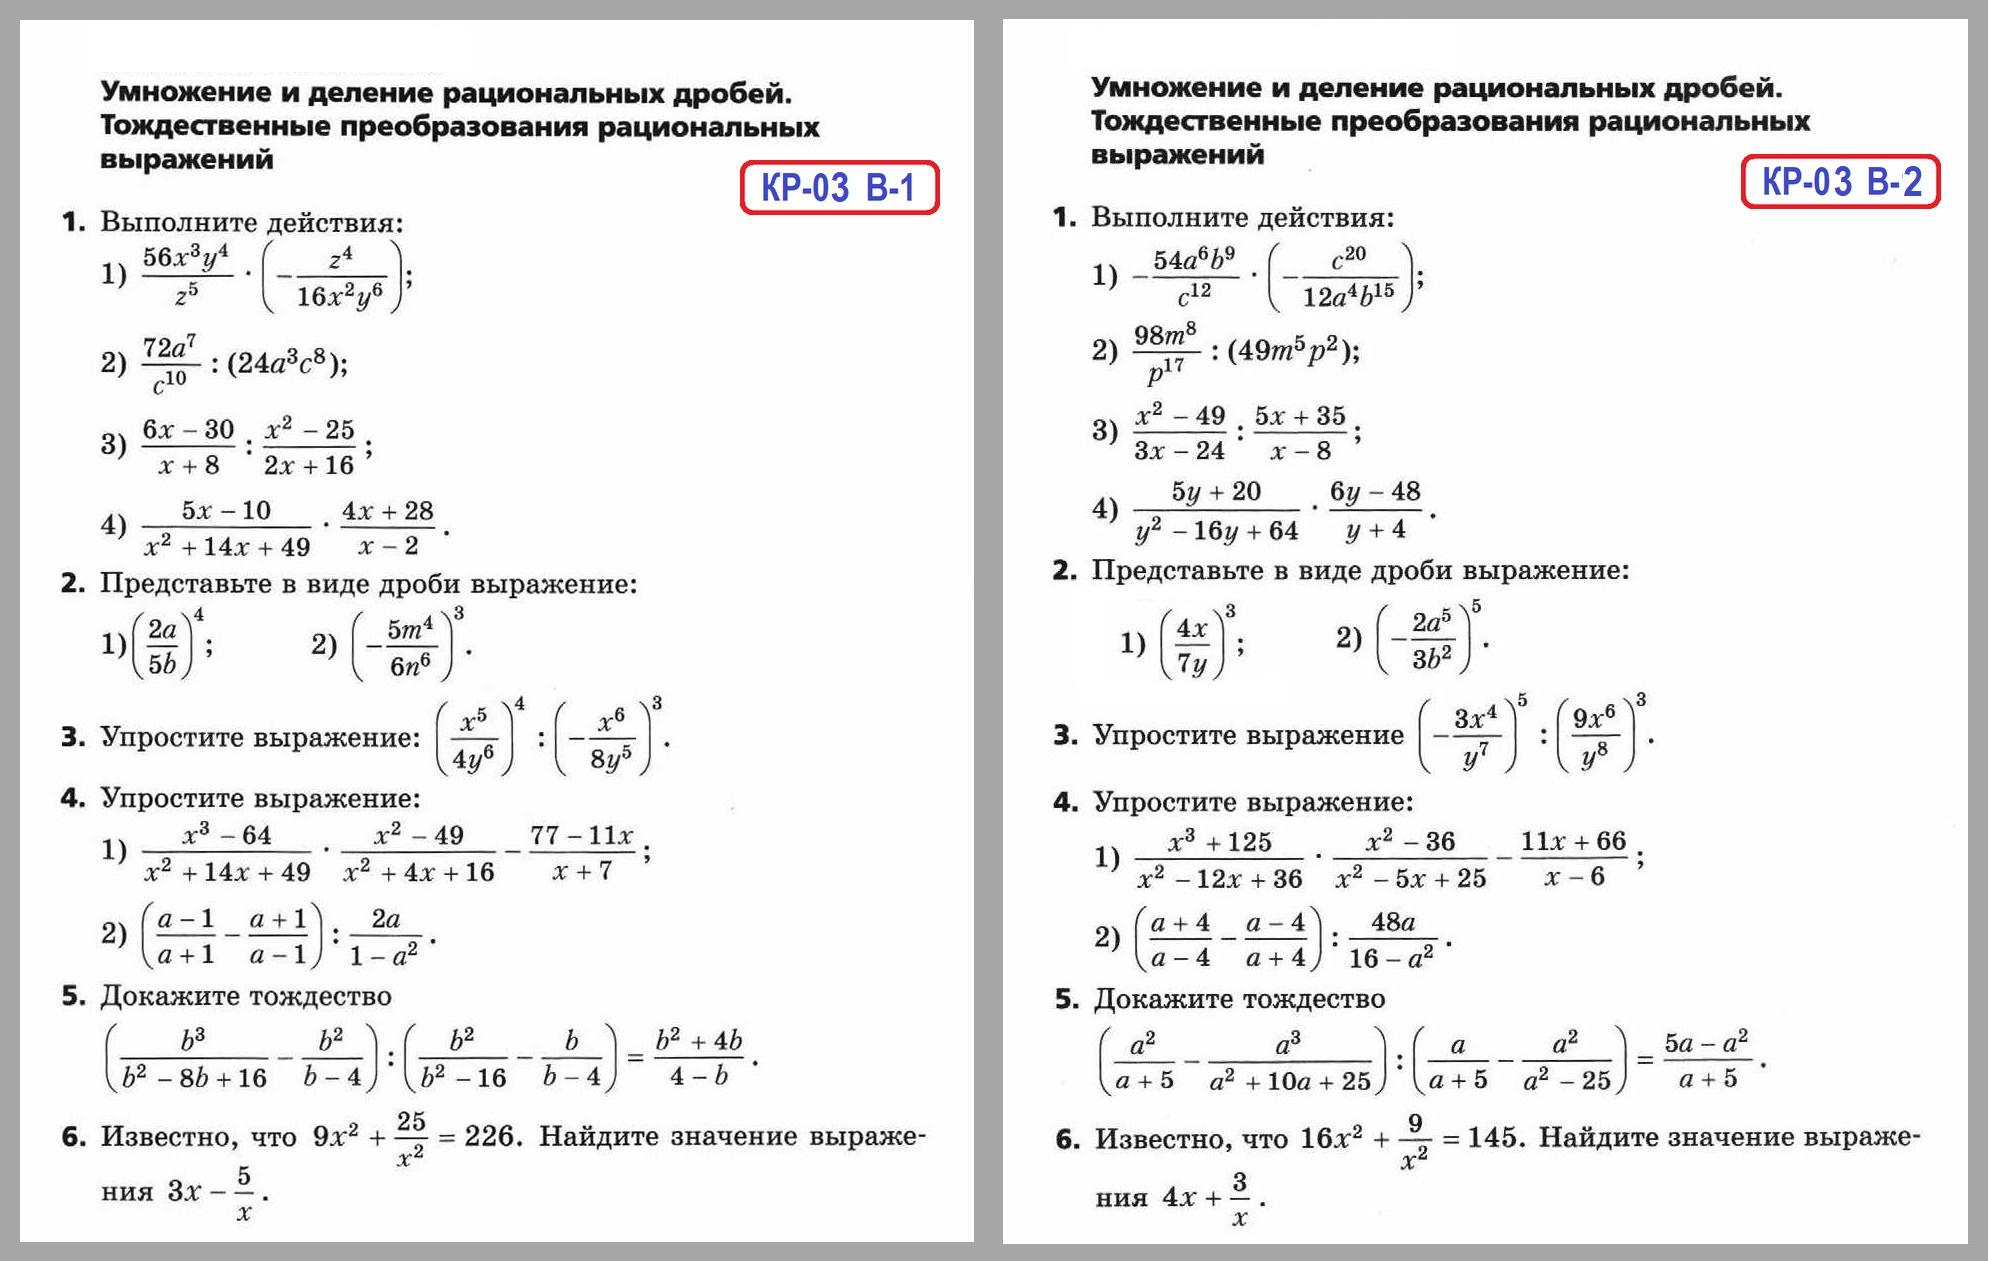 контрольная работа рациональные уравнения как математические модели реальных ситуаций